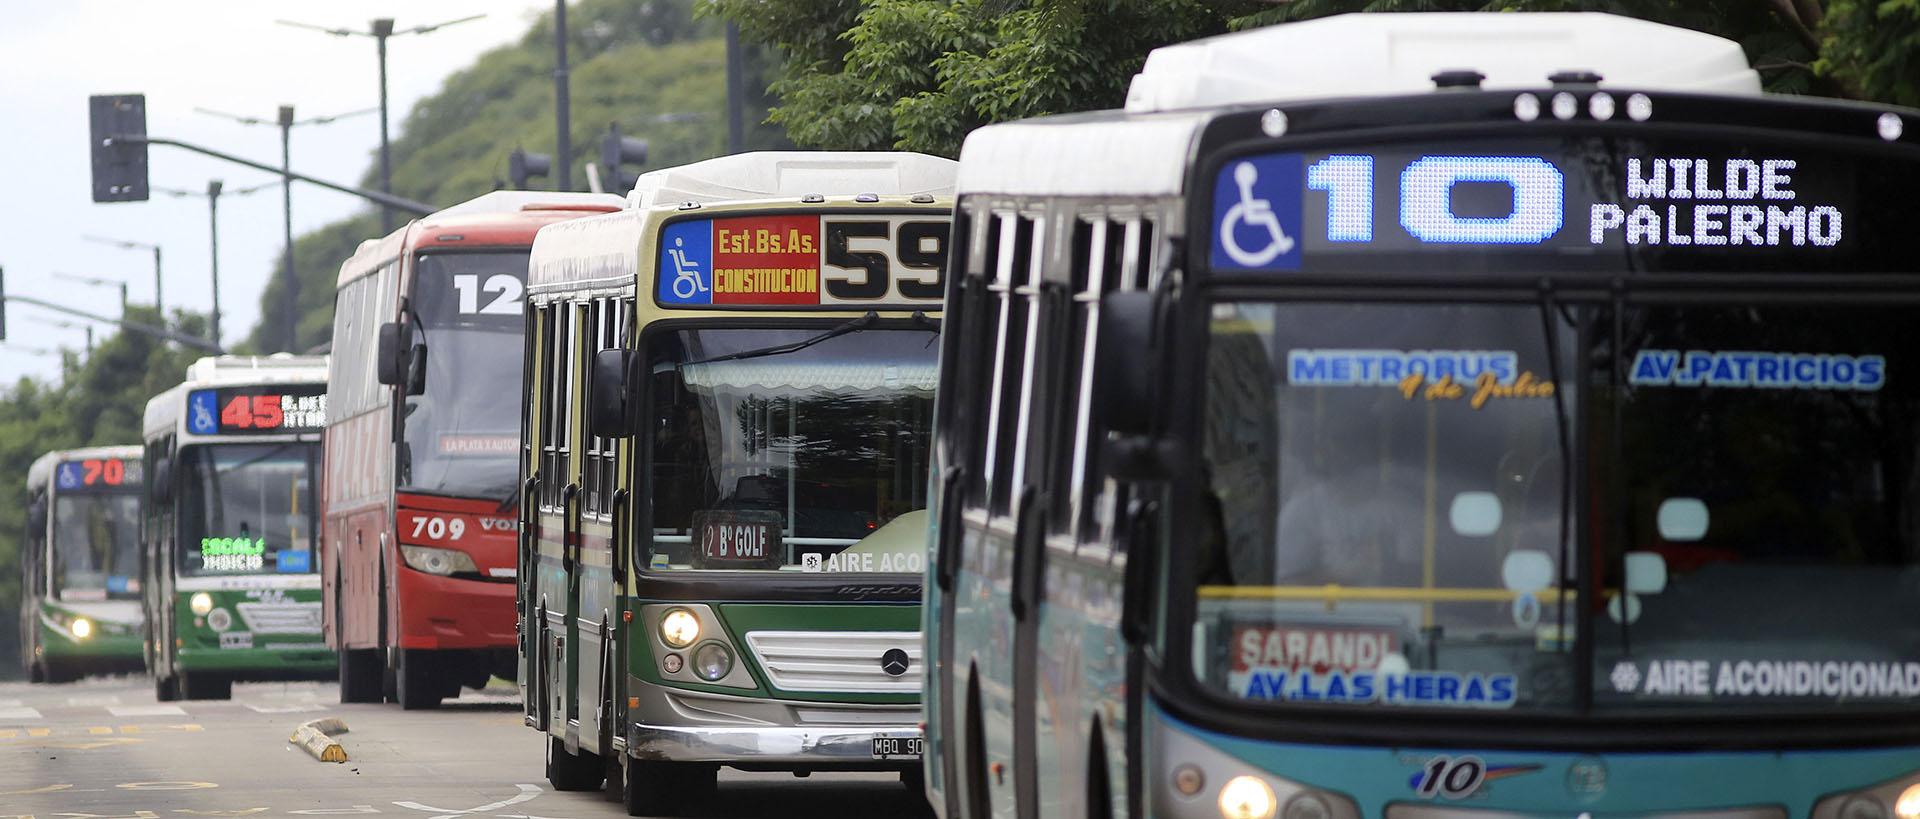 El pasajeen San Pablo, Río de Janeiro, Montevideo y Santiago de Chile es 80% más caro (NA)